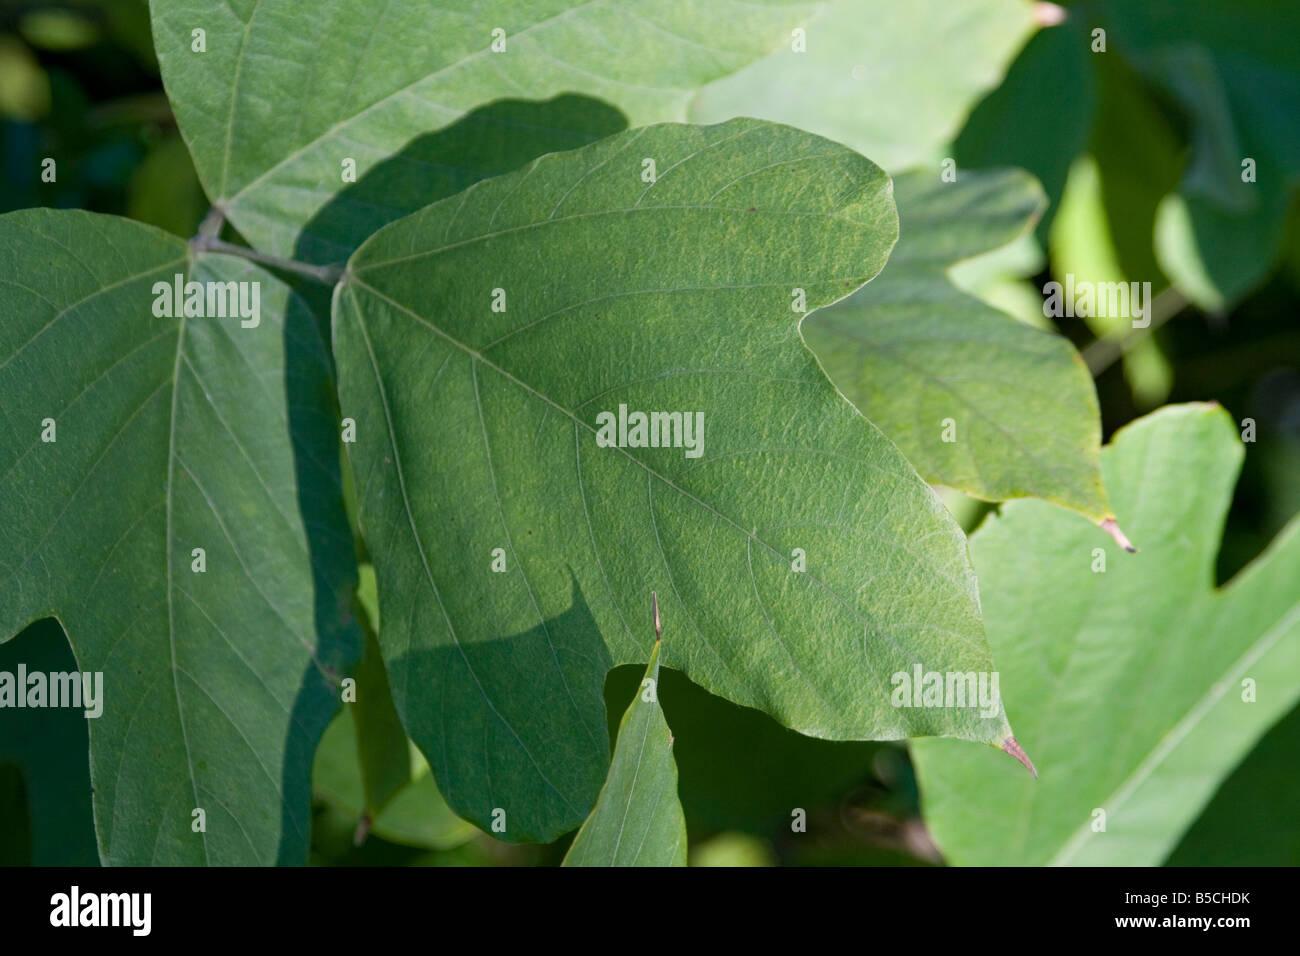 La lame à l'aisselle des feuilles vert chlorophylle la photosynthèse du pétiole des stipules Photo Stock